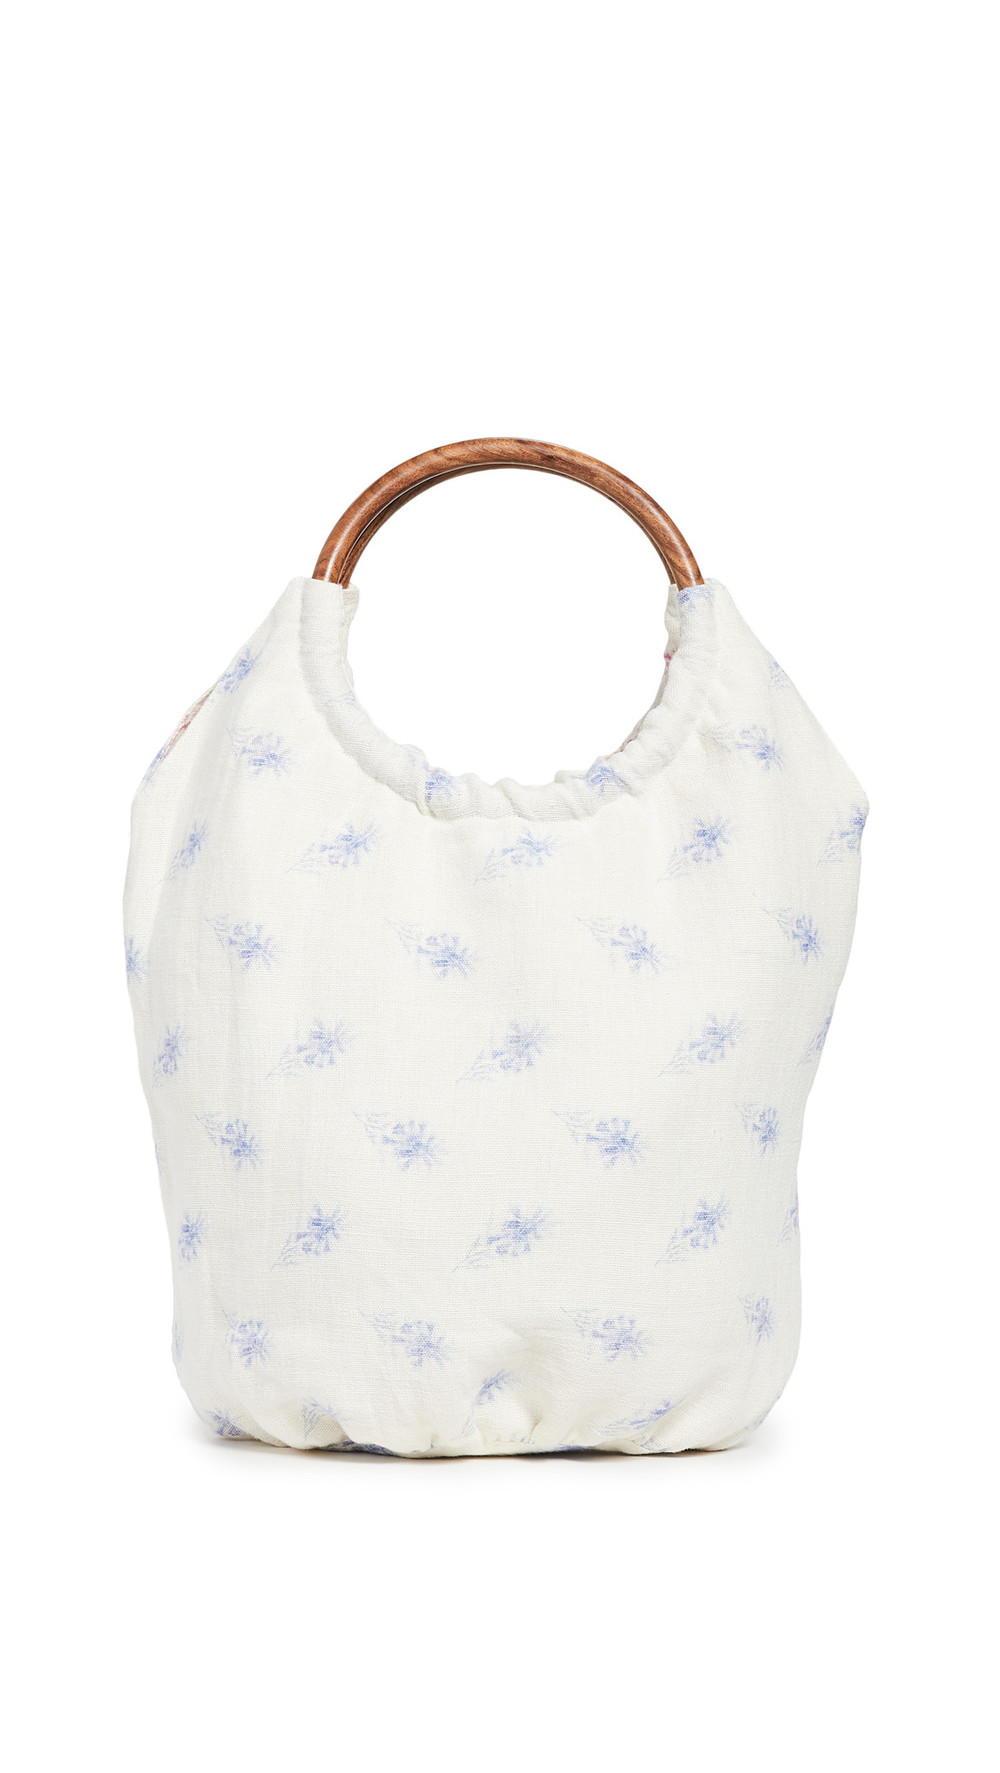 LOVESHACKFANCY Fae Bag in blue